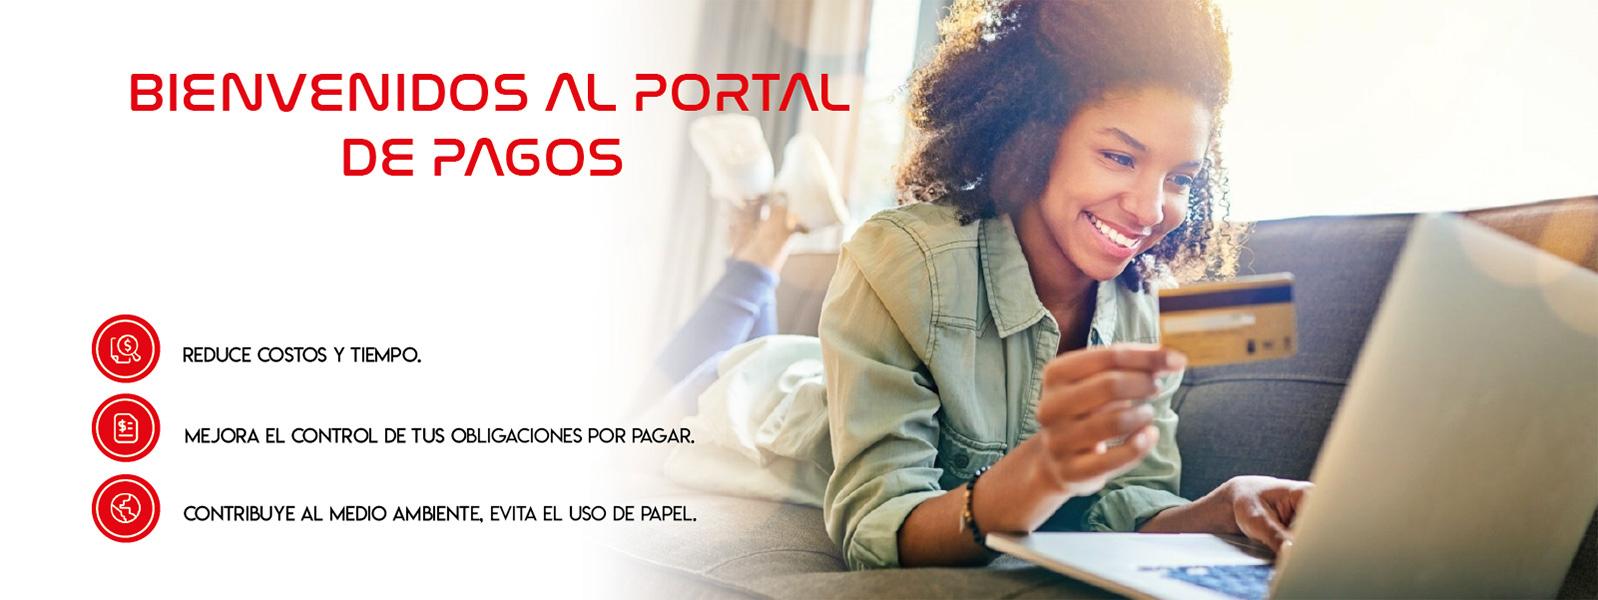 Portal de pagos en línea